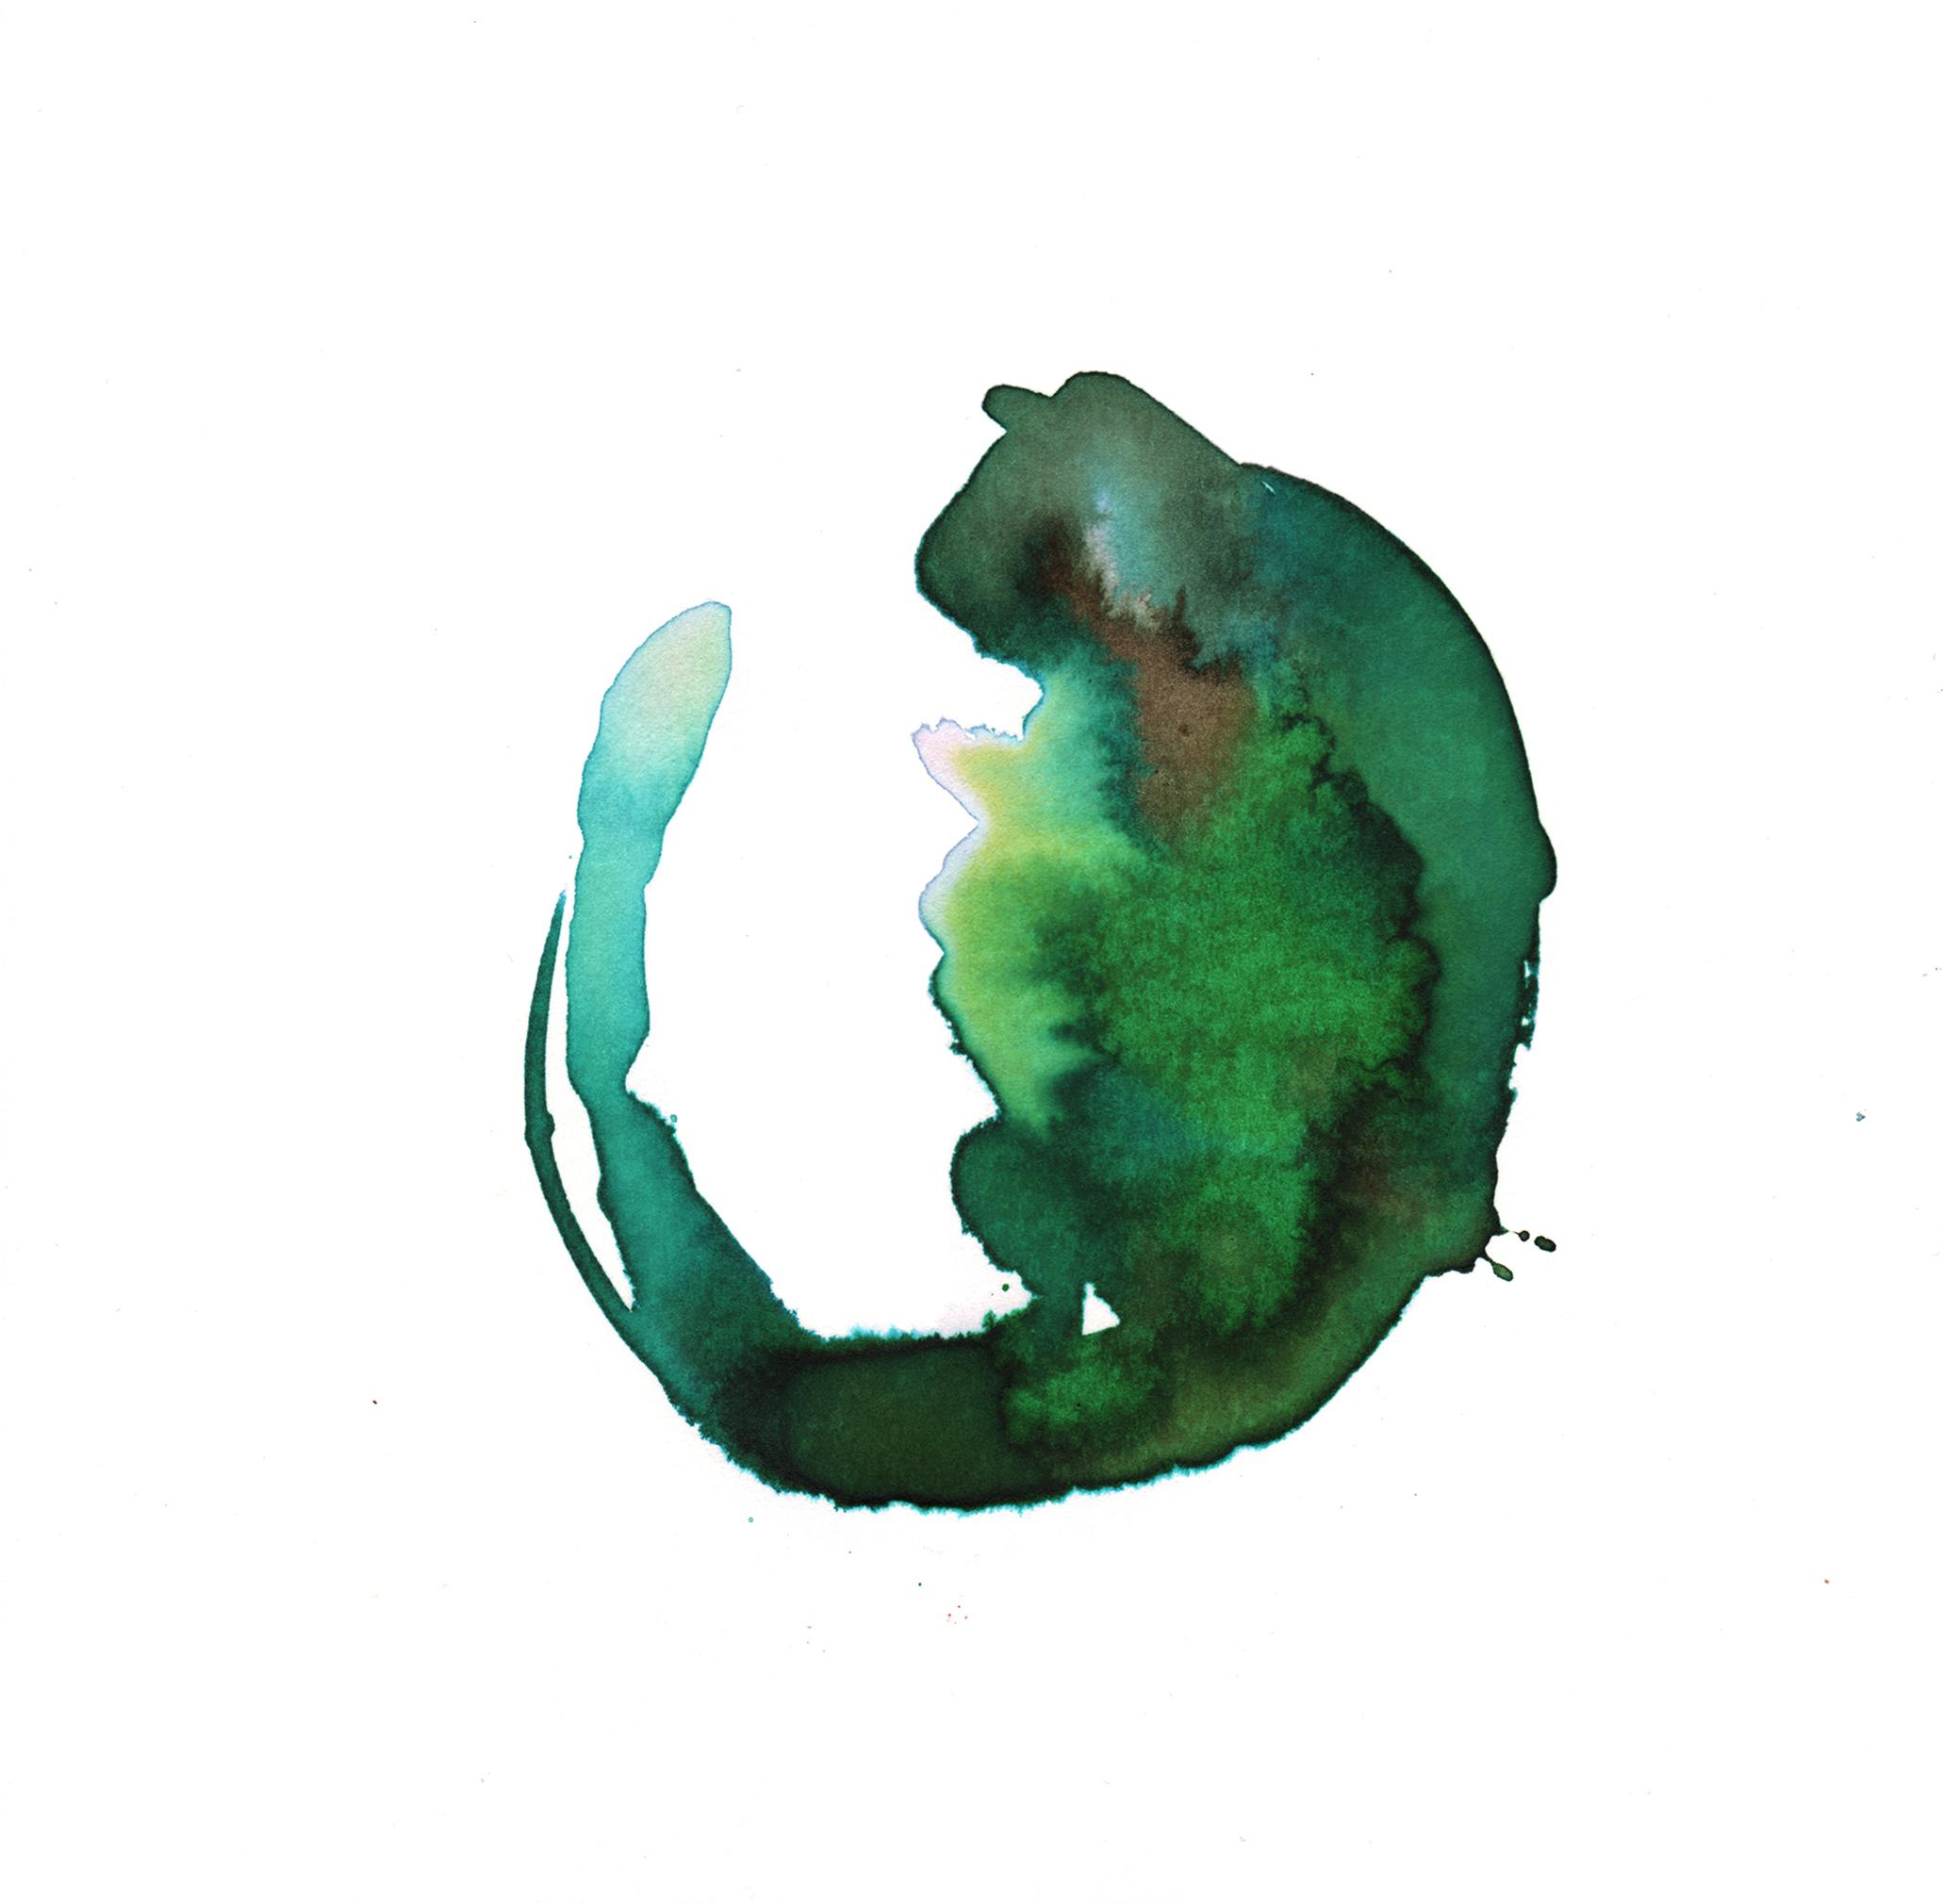 292.Green.Parrot.Tulip.11.27.14.jpg